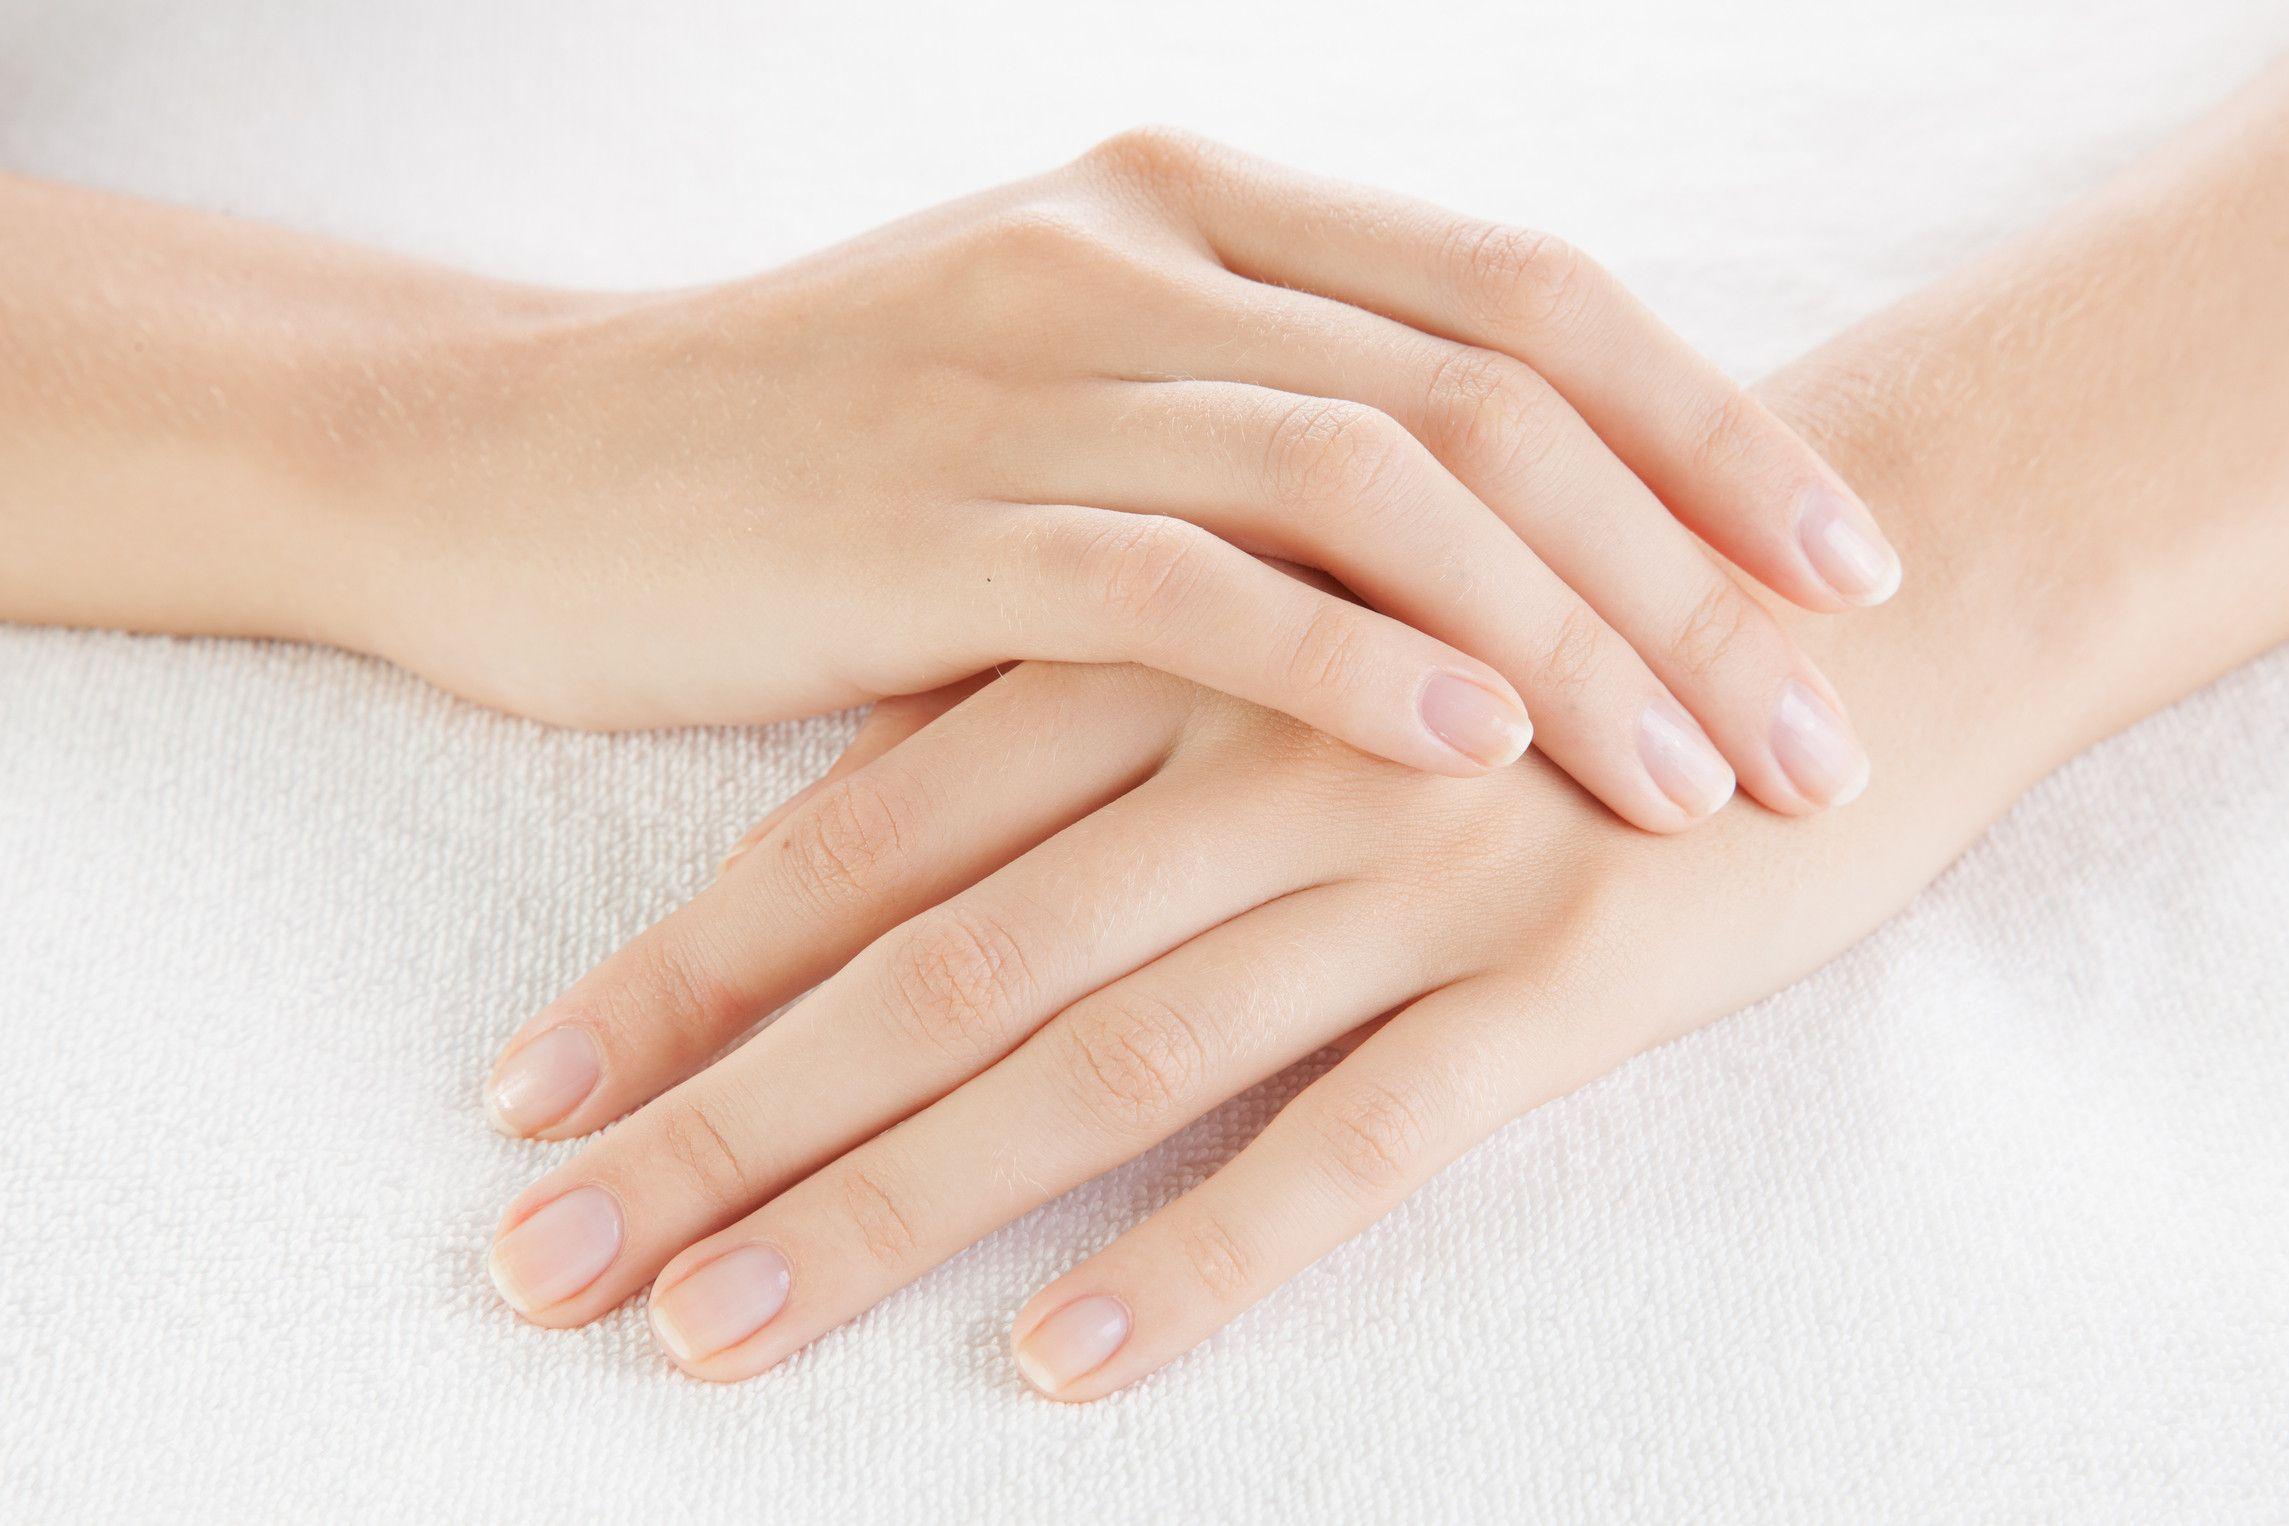 Psoriasi: parte la campagna 'Chiedi al tuo dermatologo' per migliorare la qualità della vita dei pazienti